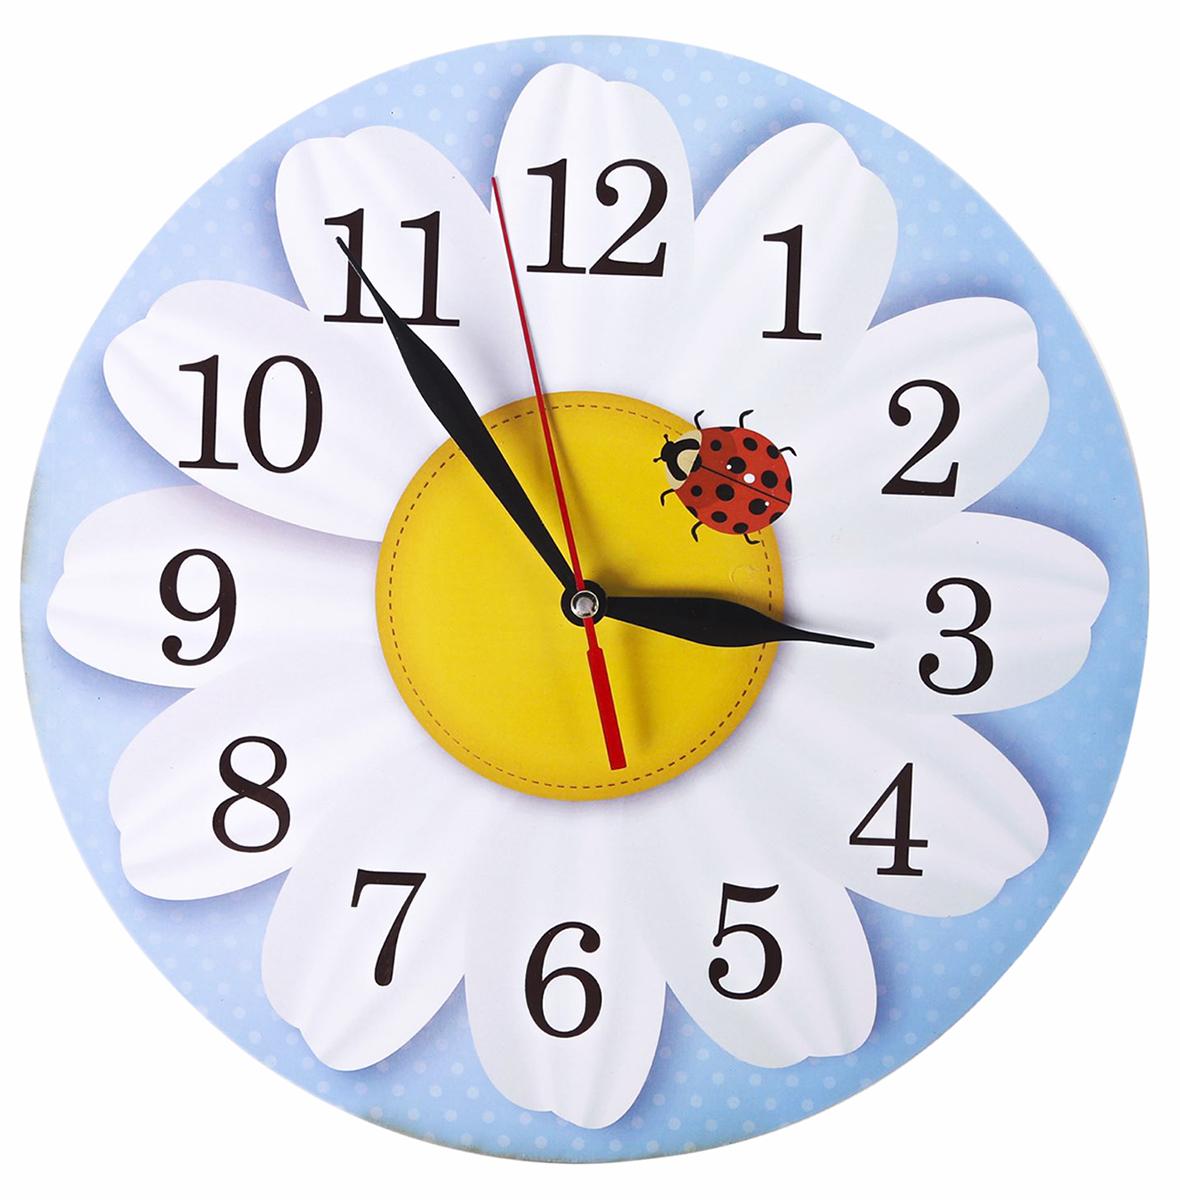 Часы настенные Ромашка, диаметр 25 см2497875— сувенир в полном смысле этого слова. И главная его задача — хранить воспоминание о месте, где вы побывали, или о том человеке, который подарил данный предмет. Преподнесите эту вещь своему другу, и она станет достойным украшением его дома. Каждому хозяину периодически приходит мысль обновить свою квартиру, сделать ремонт, перестановку или кардинально поменять внешний вид каждой комнаты. — привлекательная деталь, которая поможет воплотить вашу интерьерную идею, создать неповторимую атмосферу в вашем доме. Окружите себя приятными мелочами, пусть они радуют глаз и дарят гармонию.Часы Ромашка круглые, O 25 см 2497875